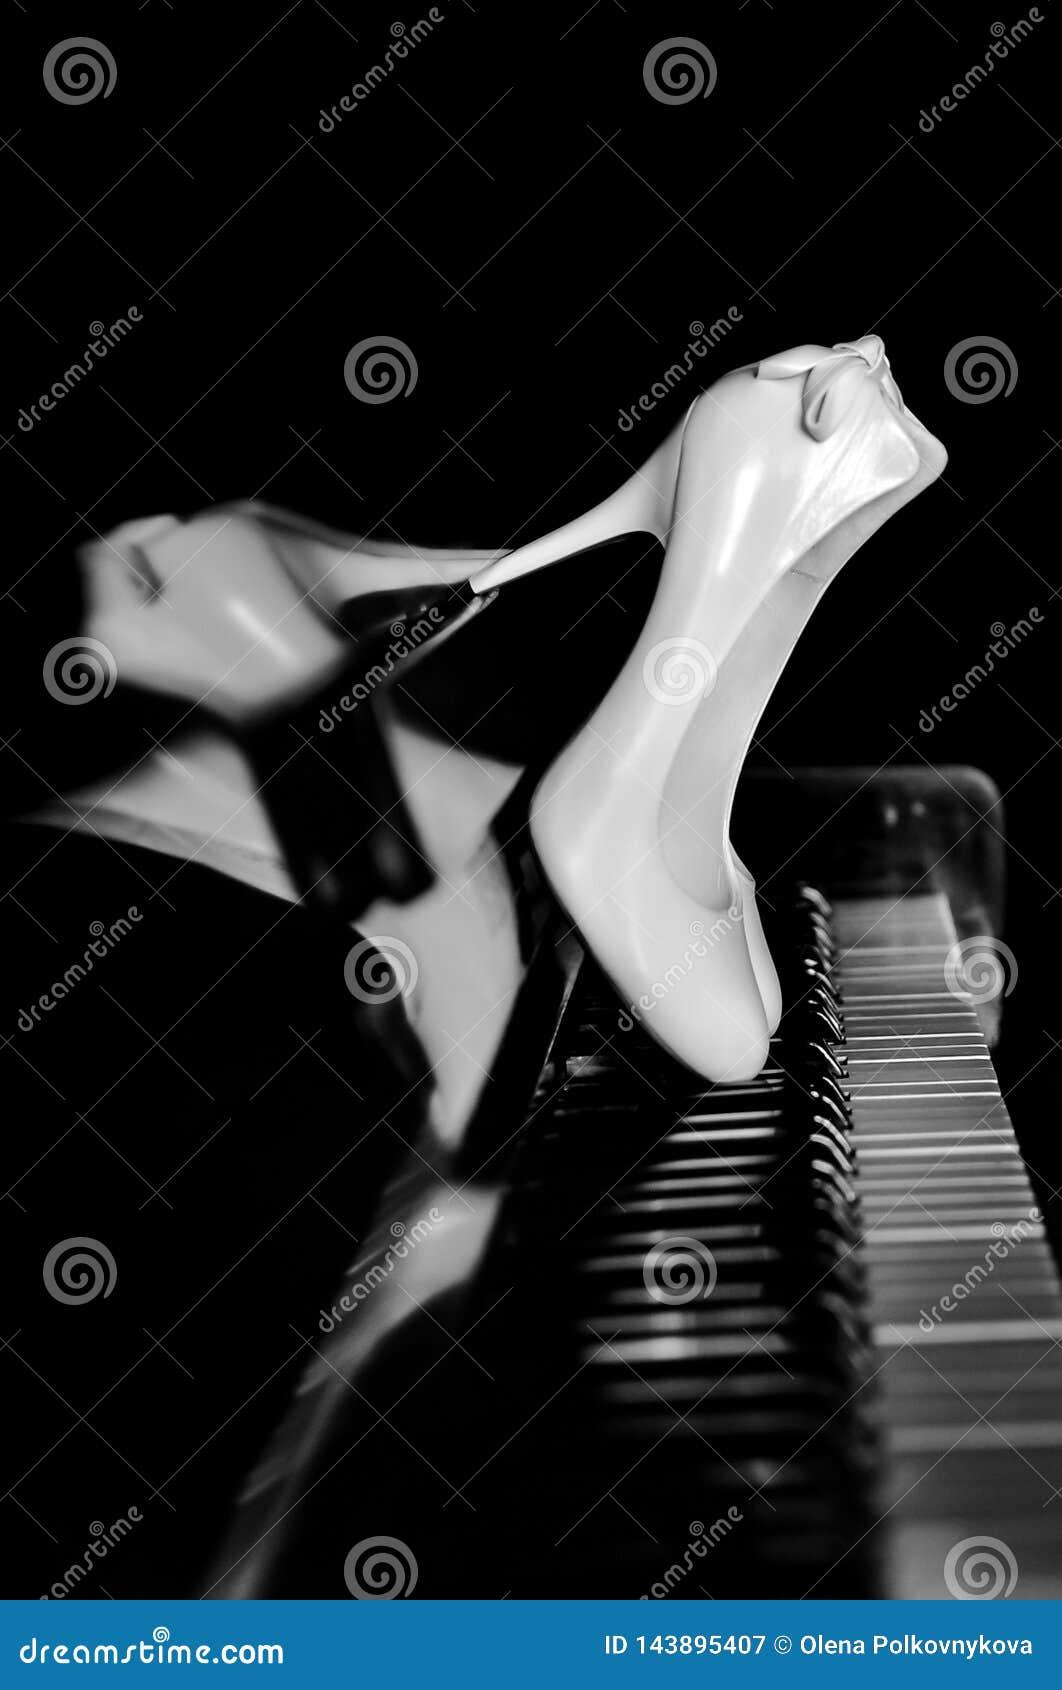 Chaussures blanches de la jeune mariée sur les clés de piano